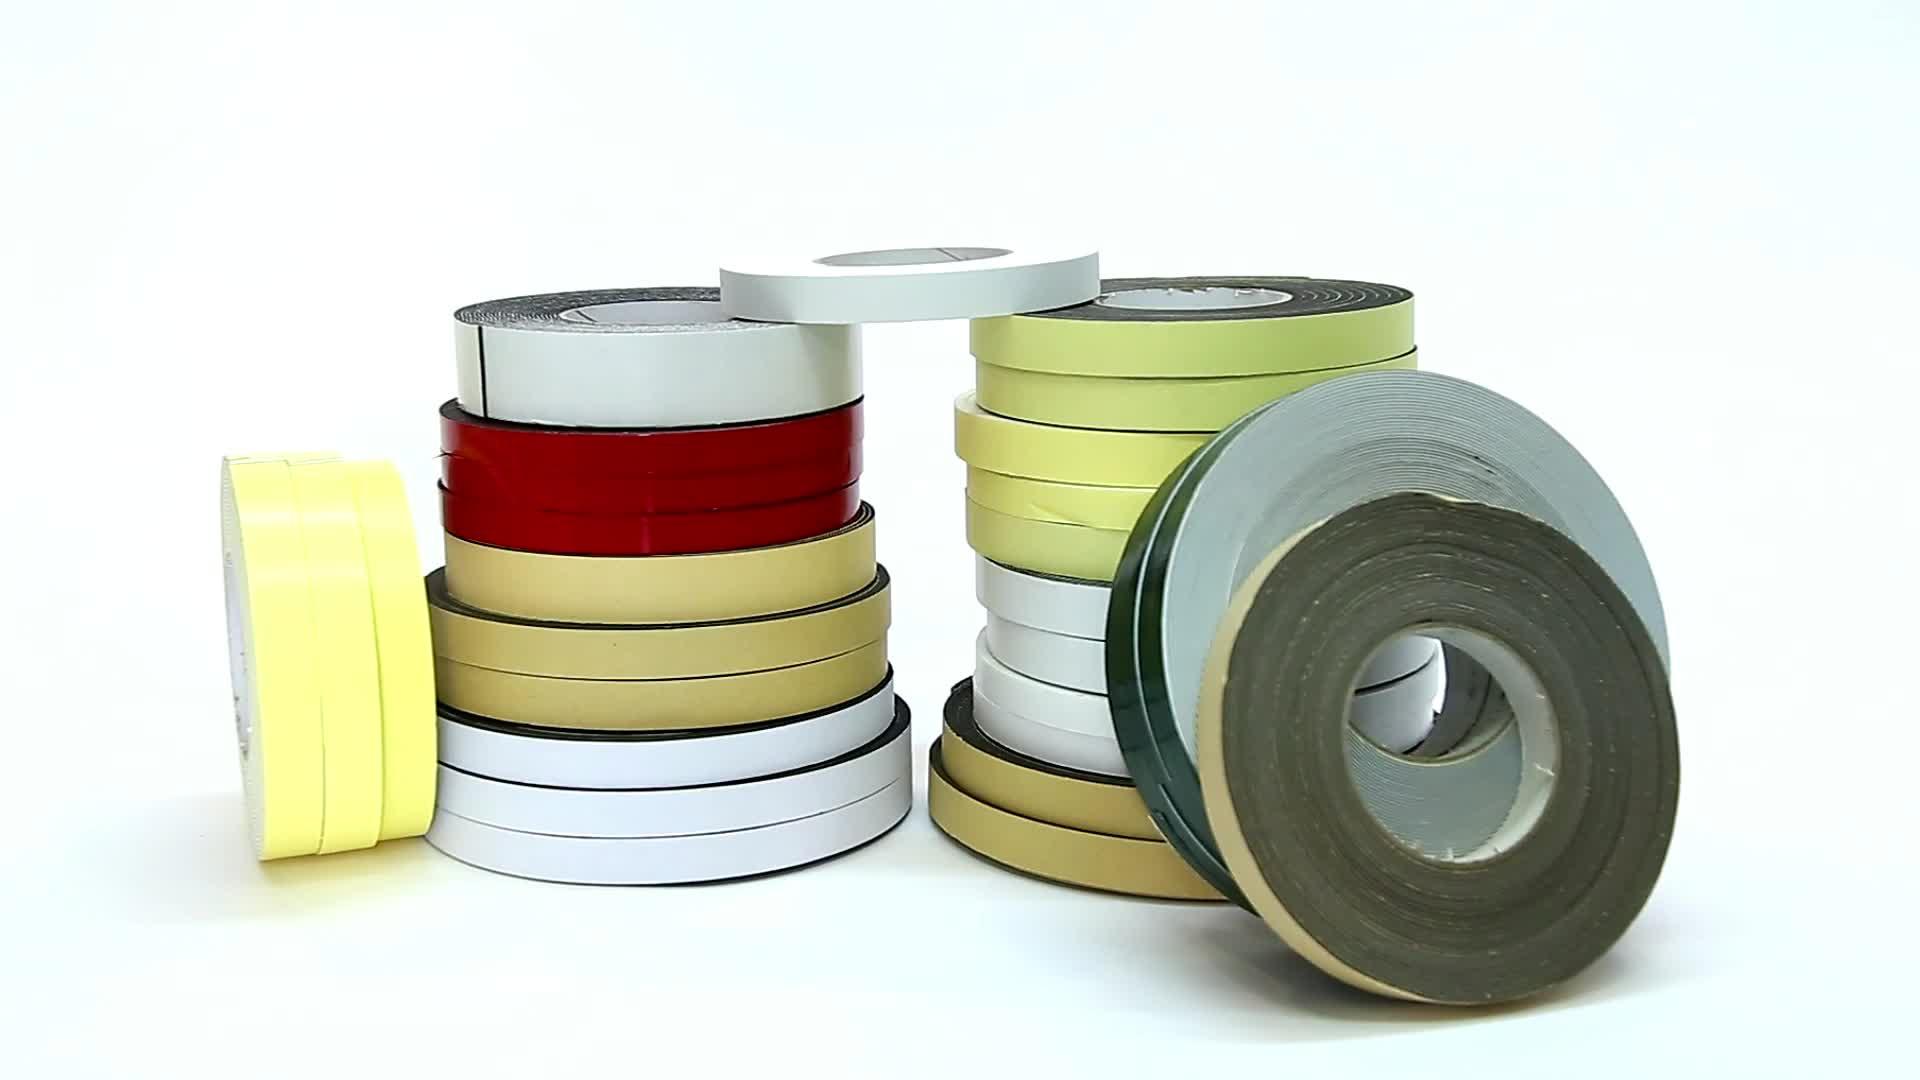 Isolatie Fabriek Verwijderbare Roll Toets Lijm Dubbelzijdig Foam Grip Tape